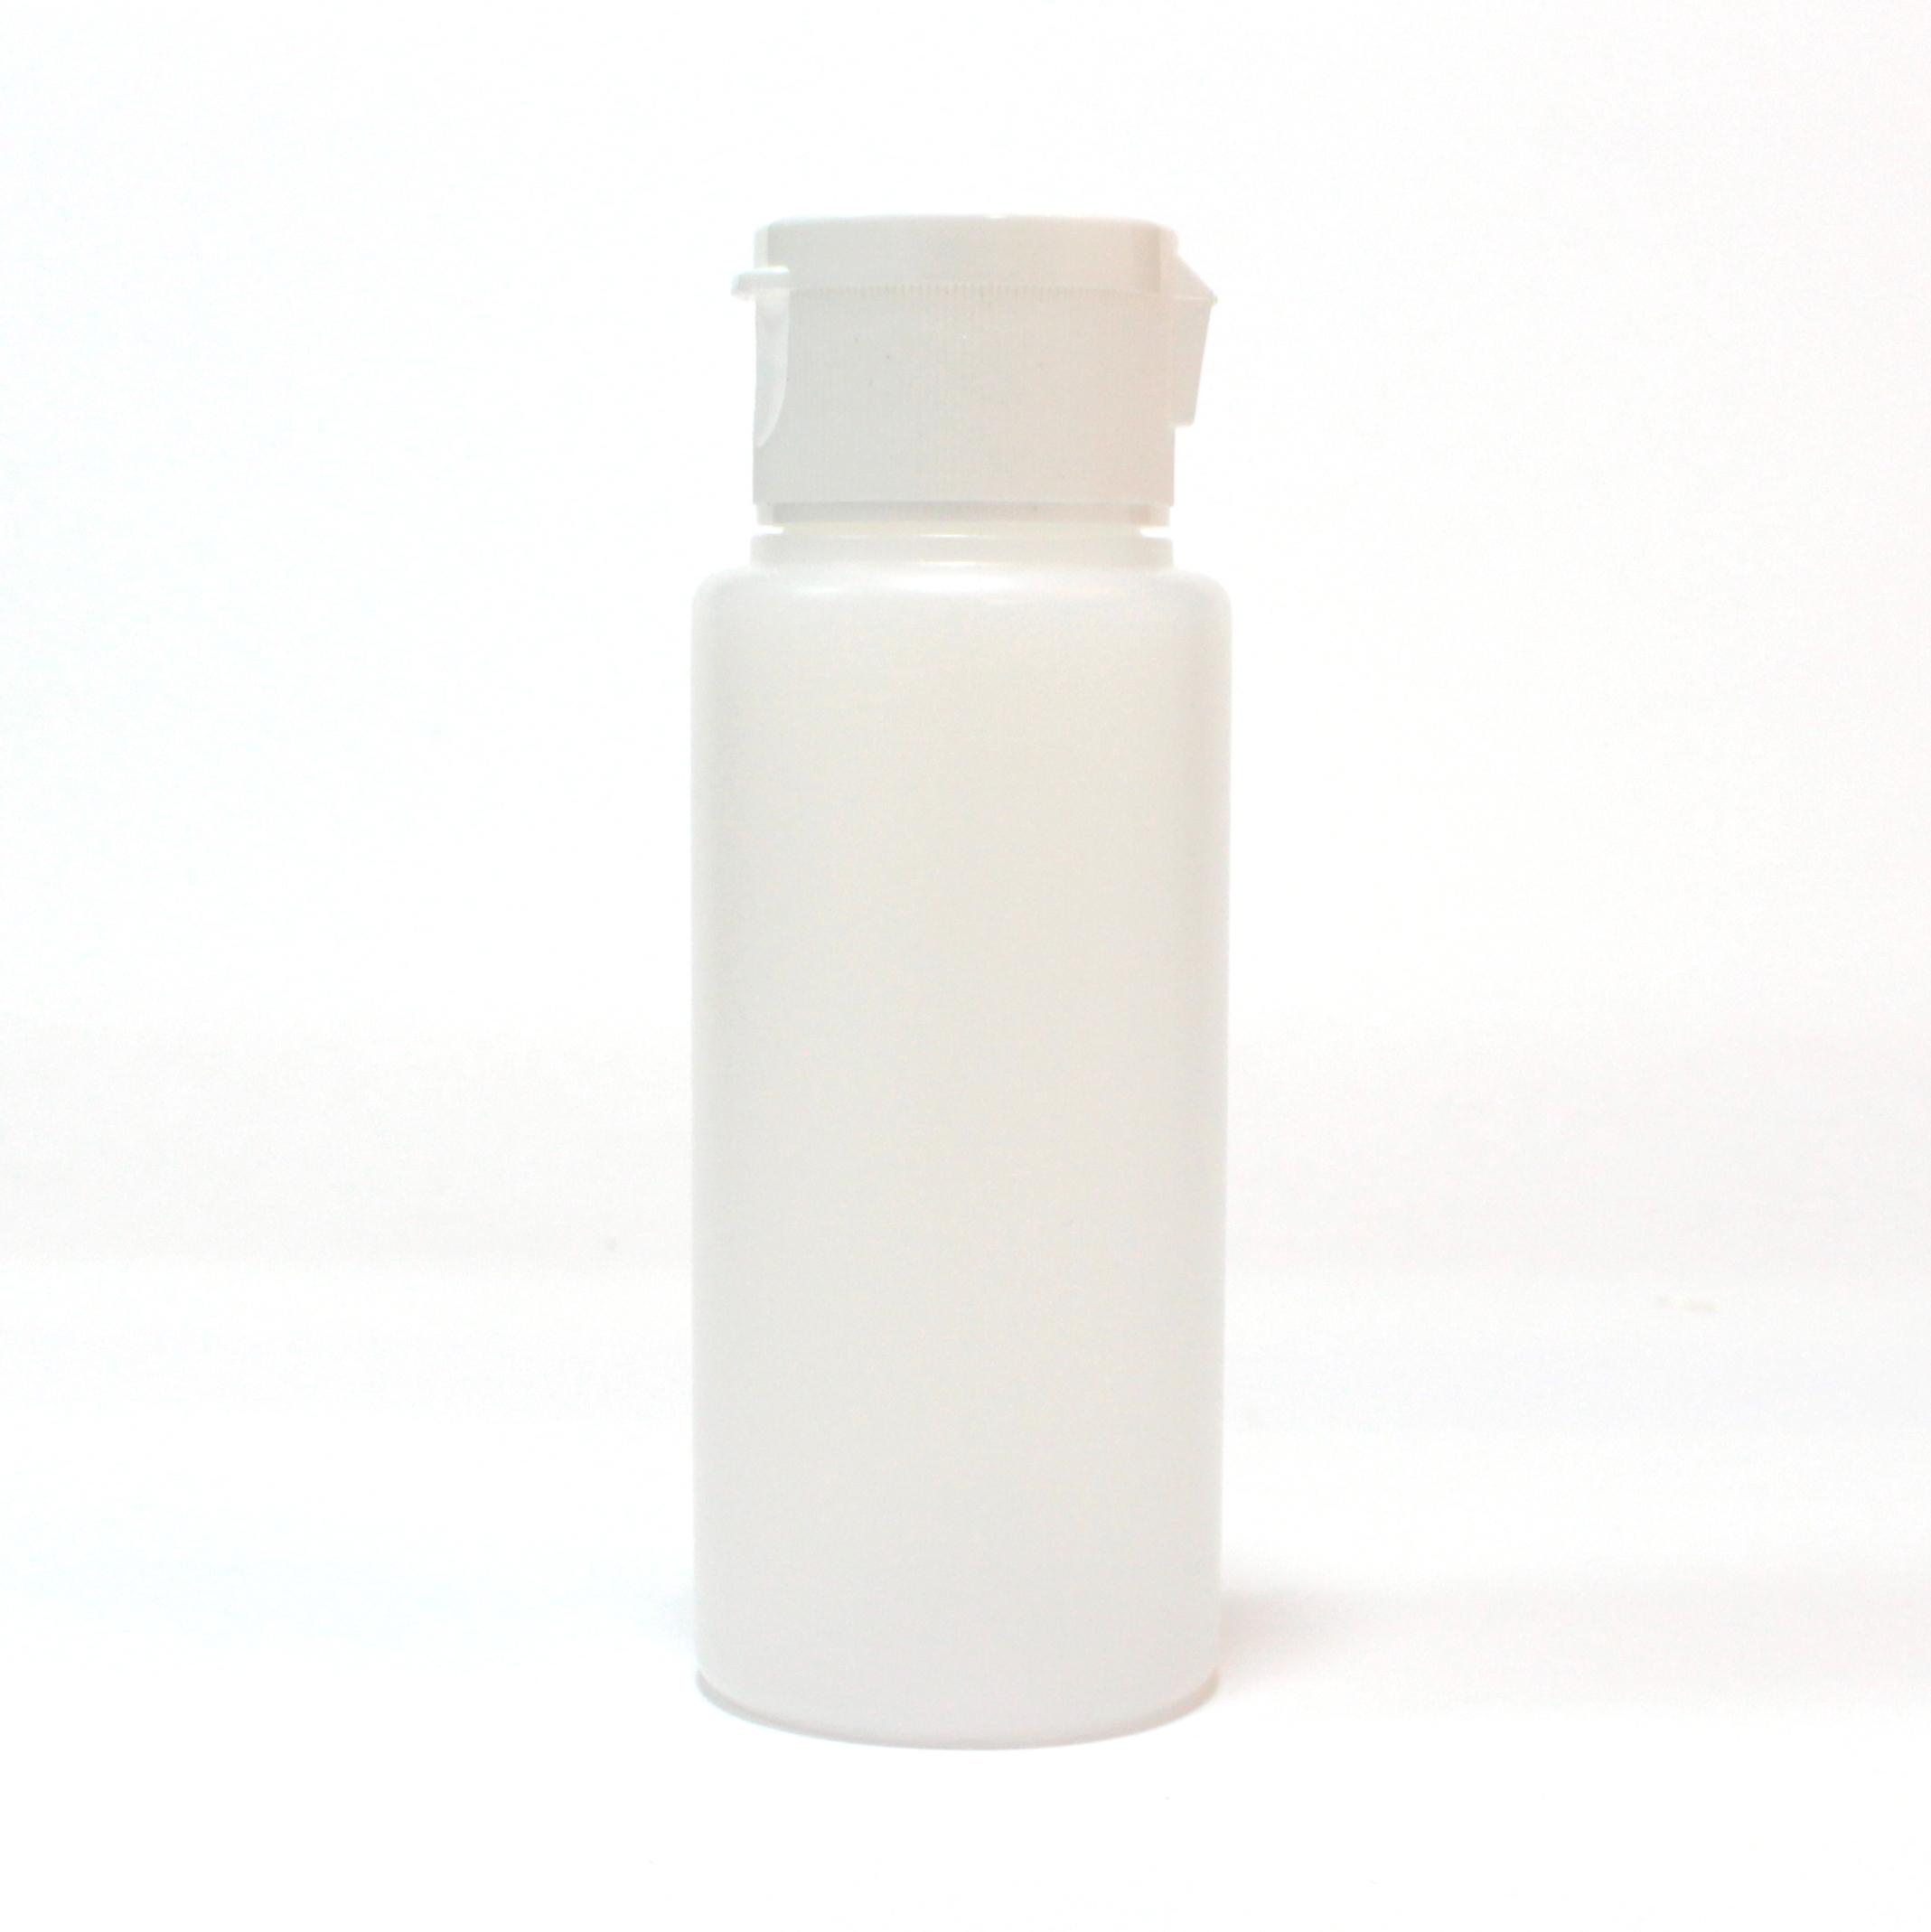 半透明PETボトル 50ml